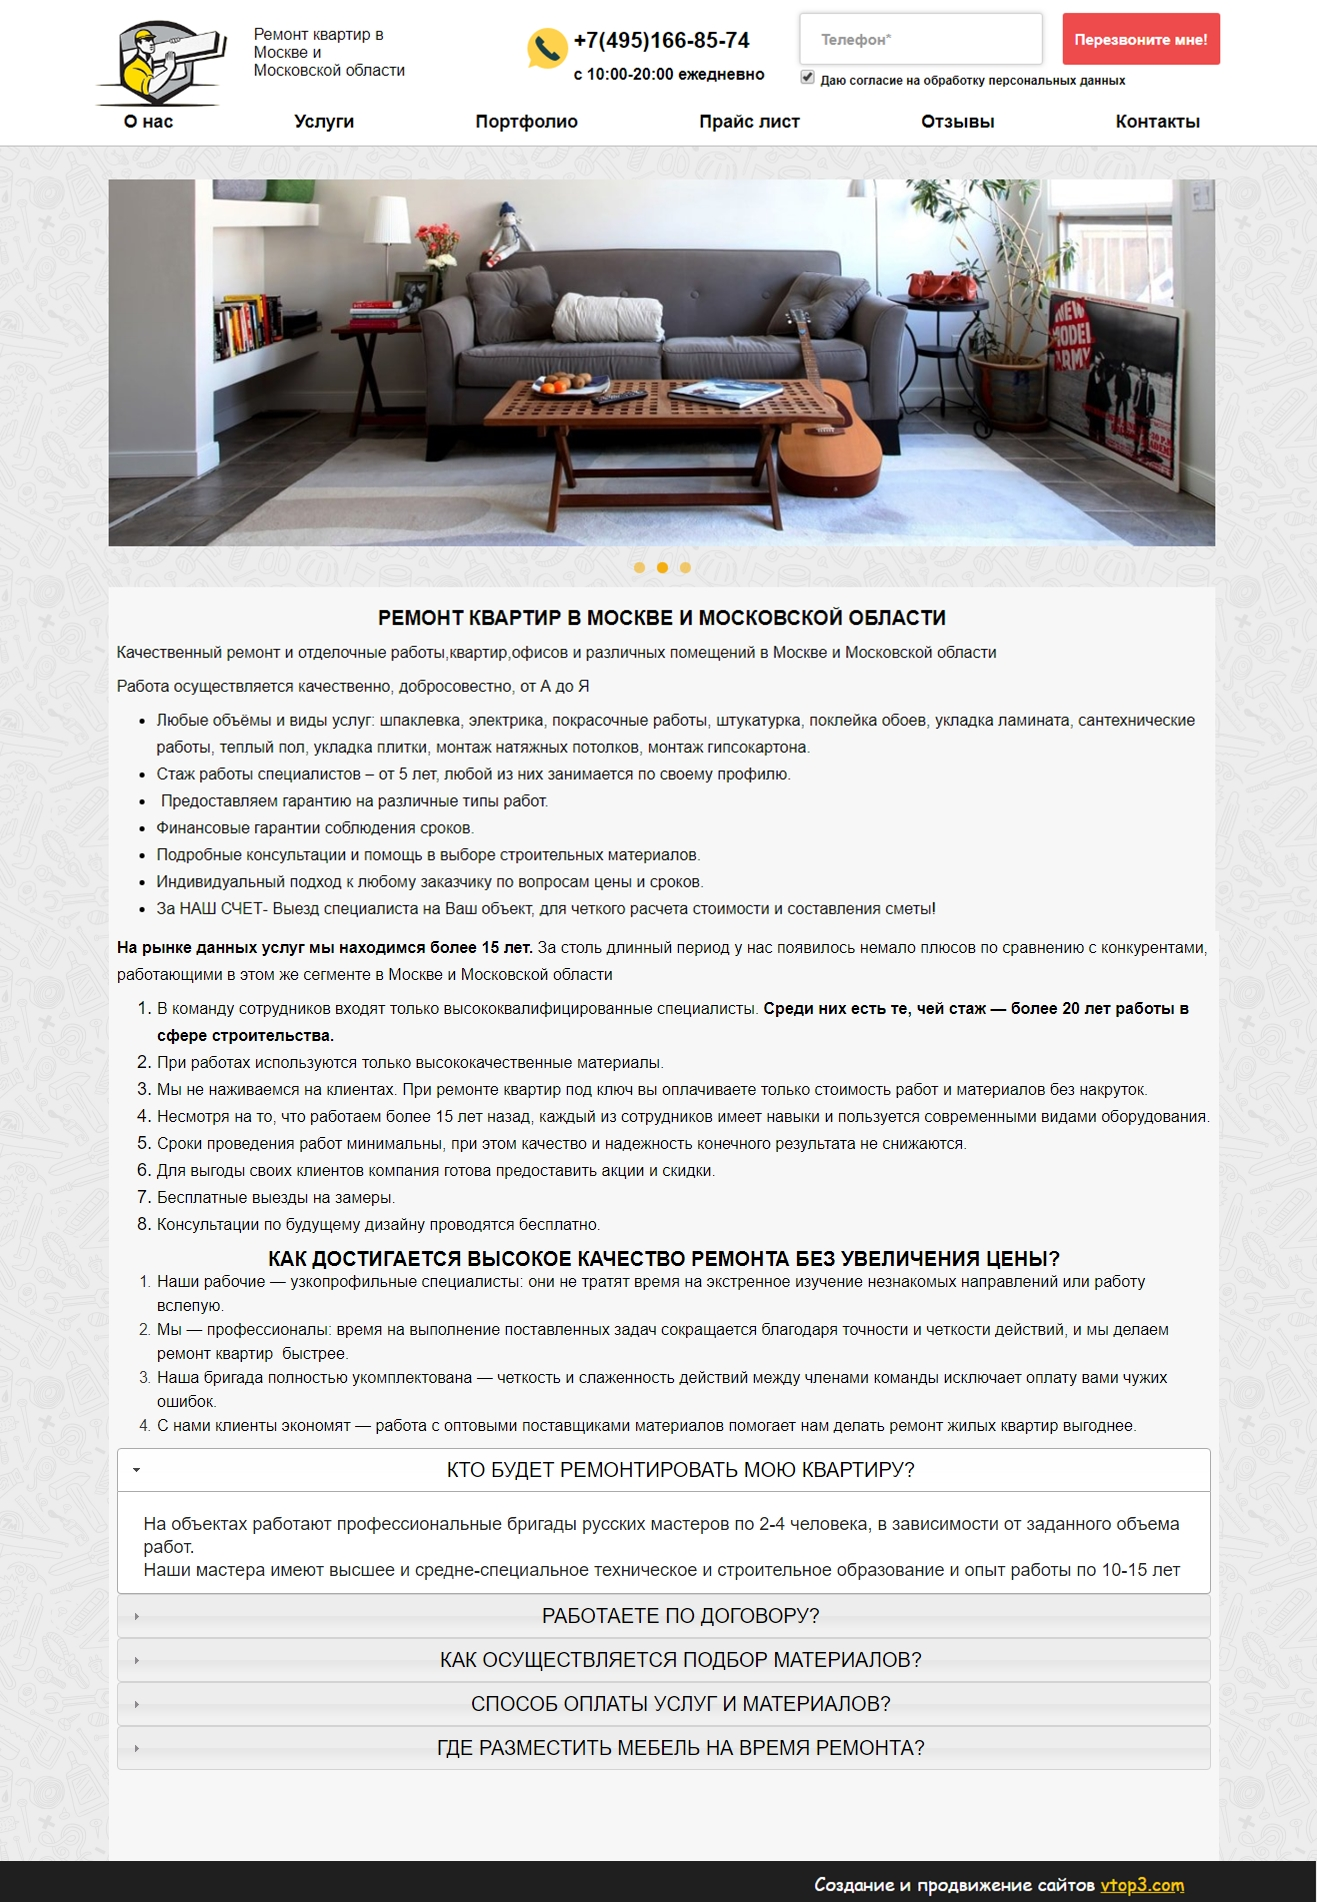 Создание и продвижение сайта ремонт квартир